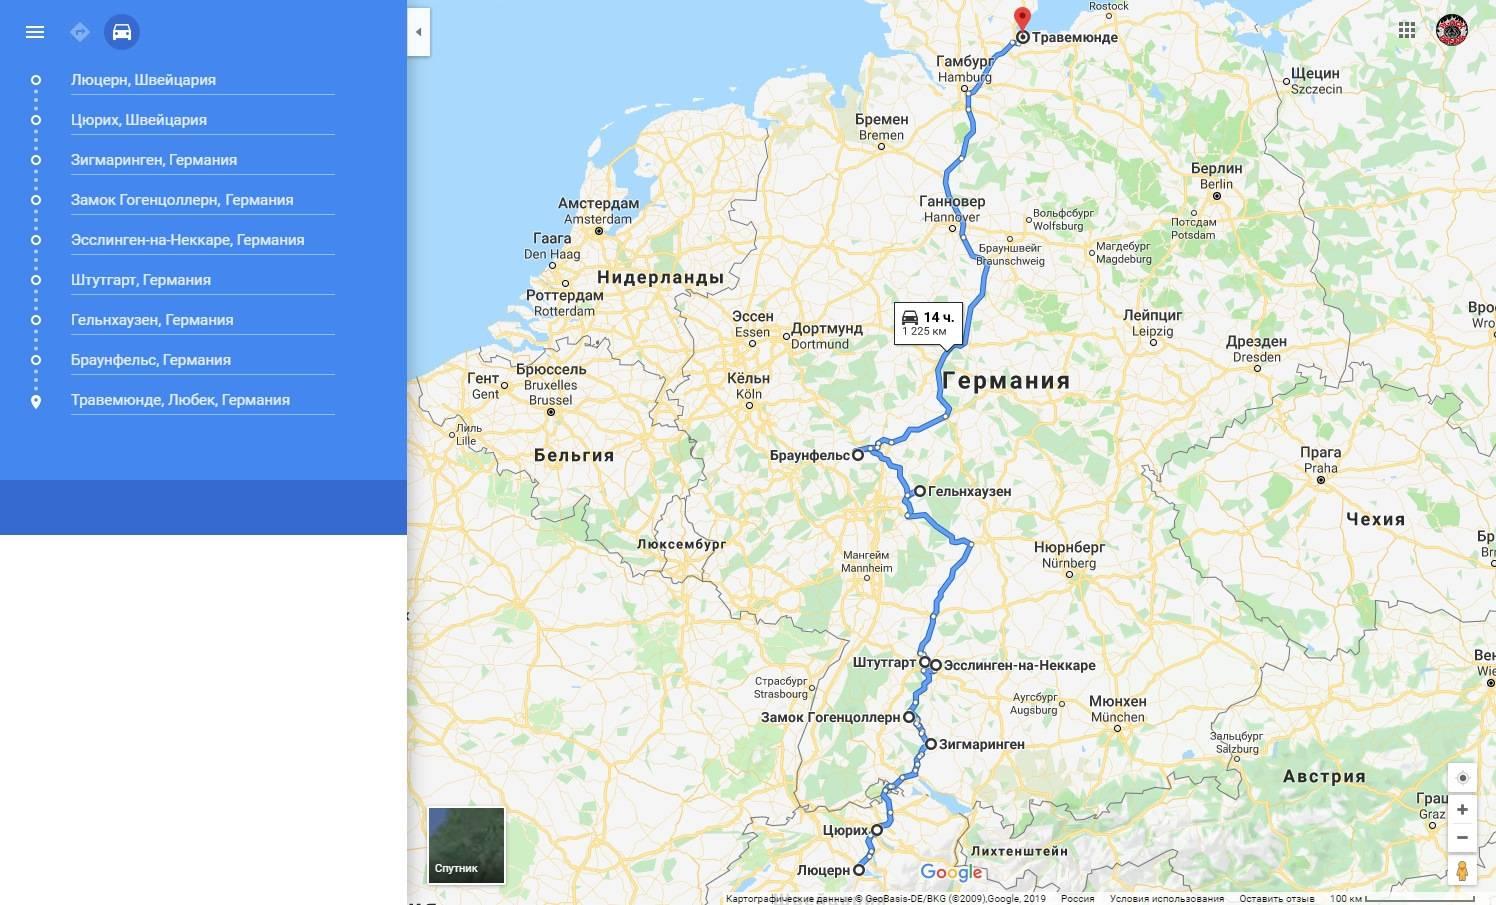 Расстояние между мюнхеном и гамбургом